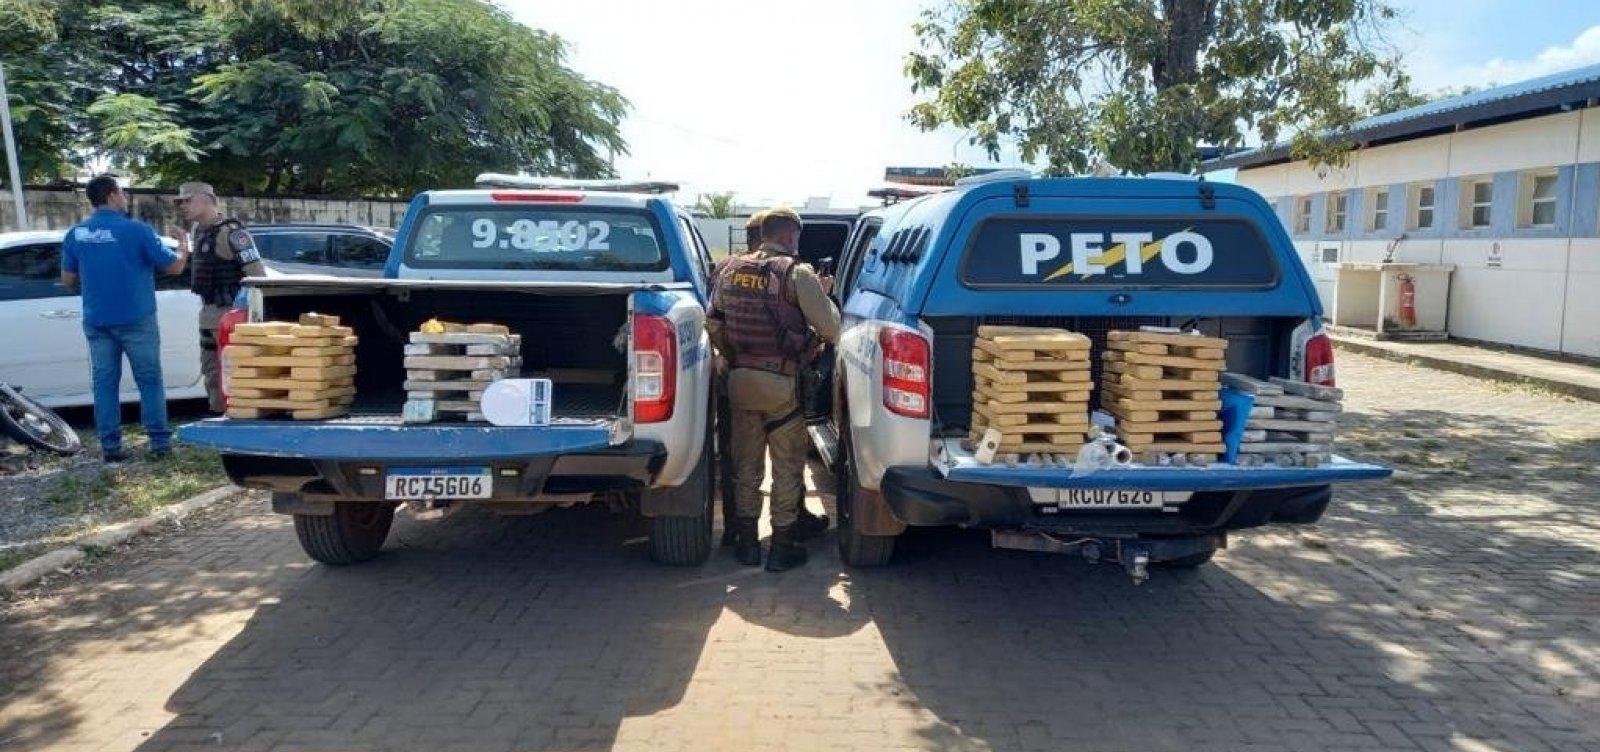 PM encontra 70 kg de maconha em esconderijo em cidade da Bahia